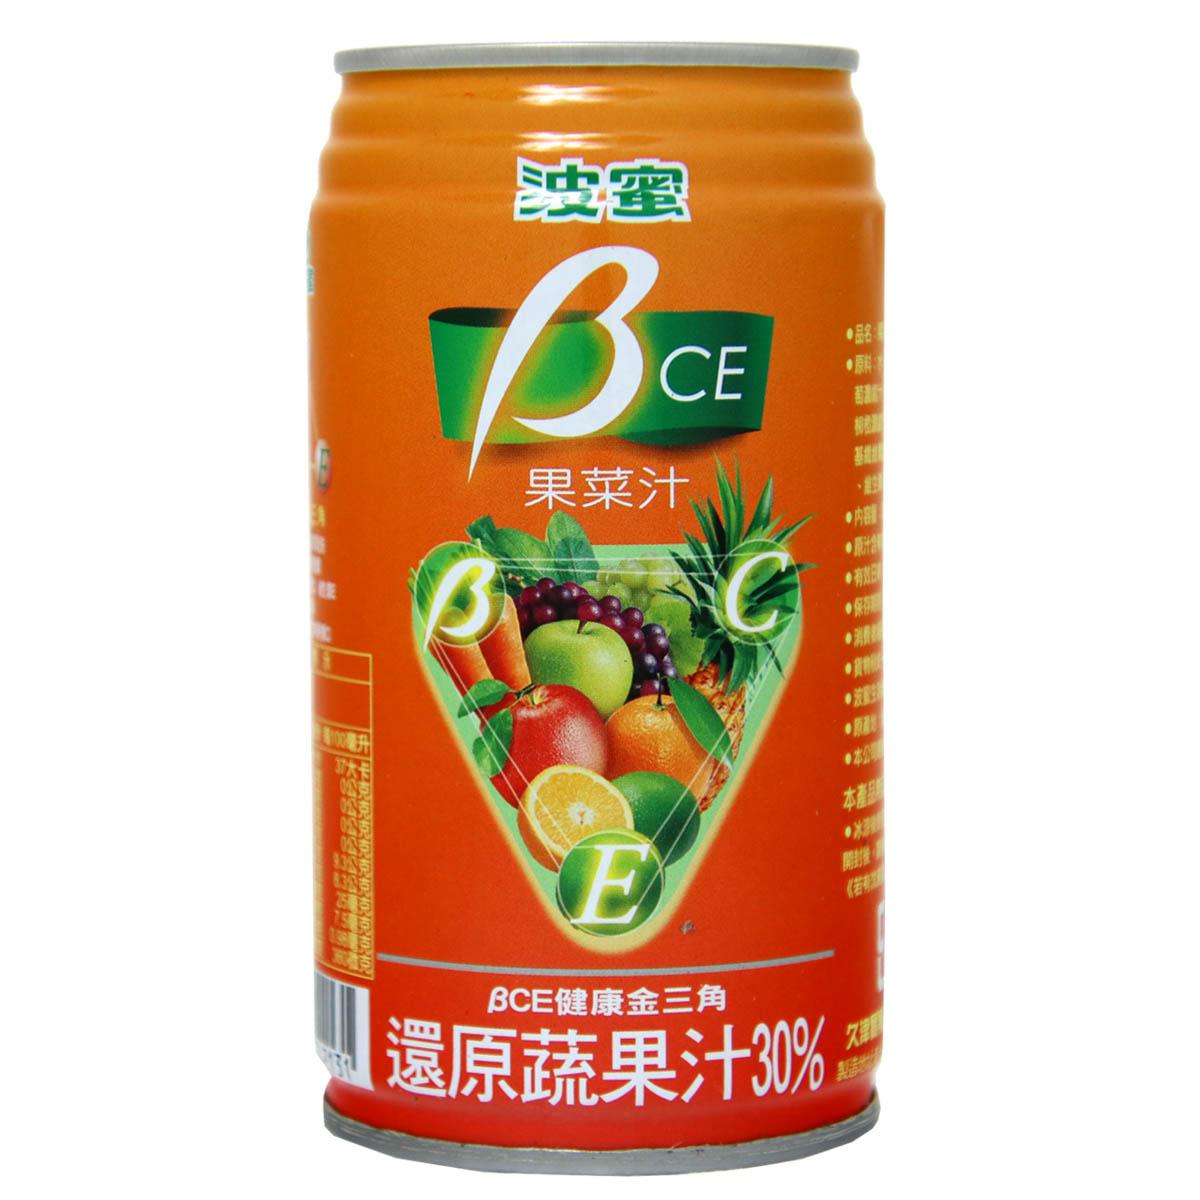 喪禮用罐頭塔-6X9大牌飲料